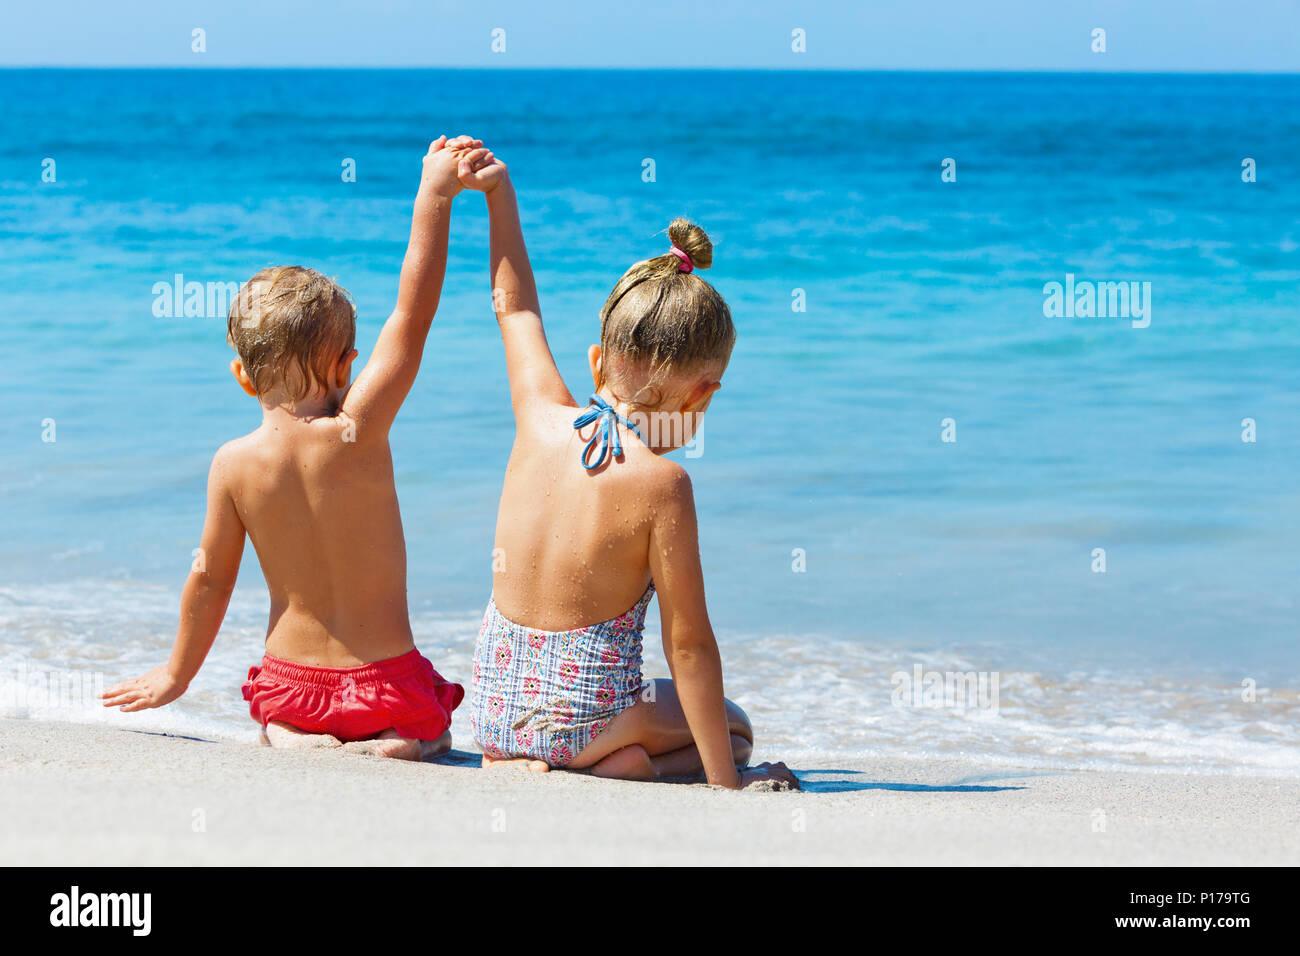 Felices los niños podrán divertirse en el mar surf en la playa de la arena. Sentar a los niños en la piscina de agua con las manos. Viajes Actividades de natación, el estilo de vida de vacaciones en familia Imagen De Stock